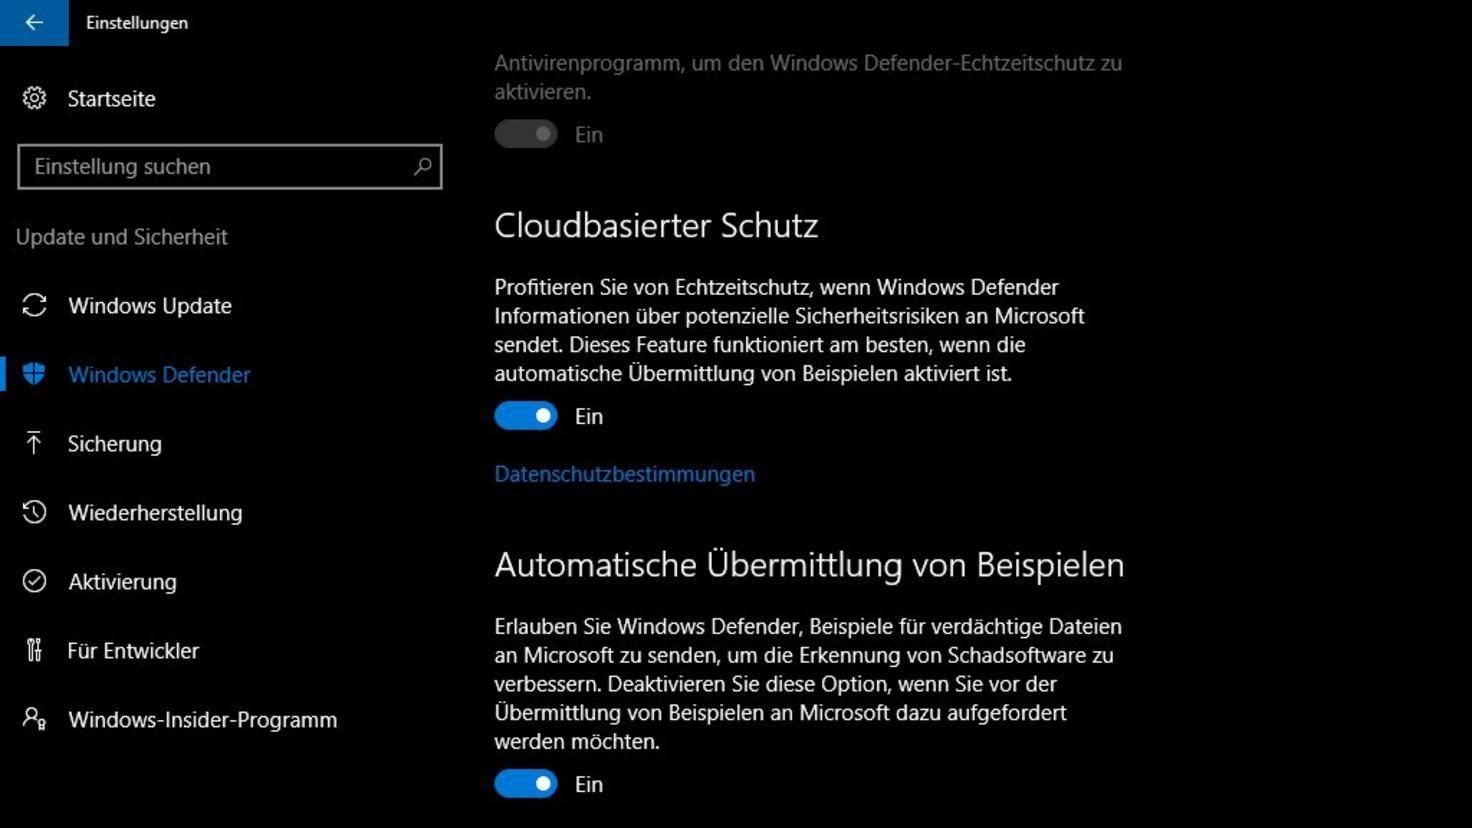 Windows Defender Cloudbasierter Schutz